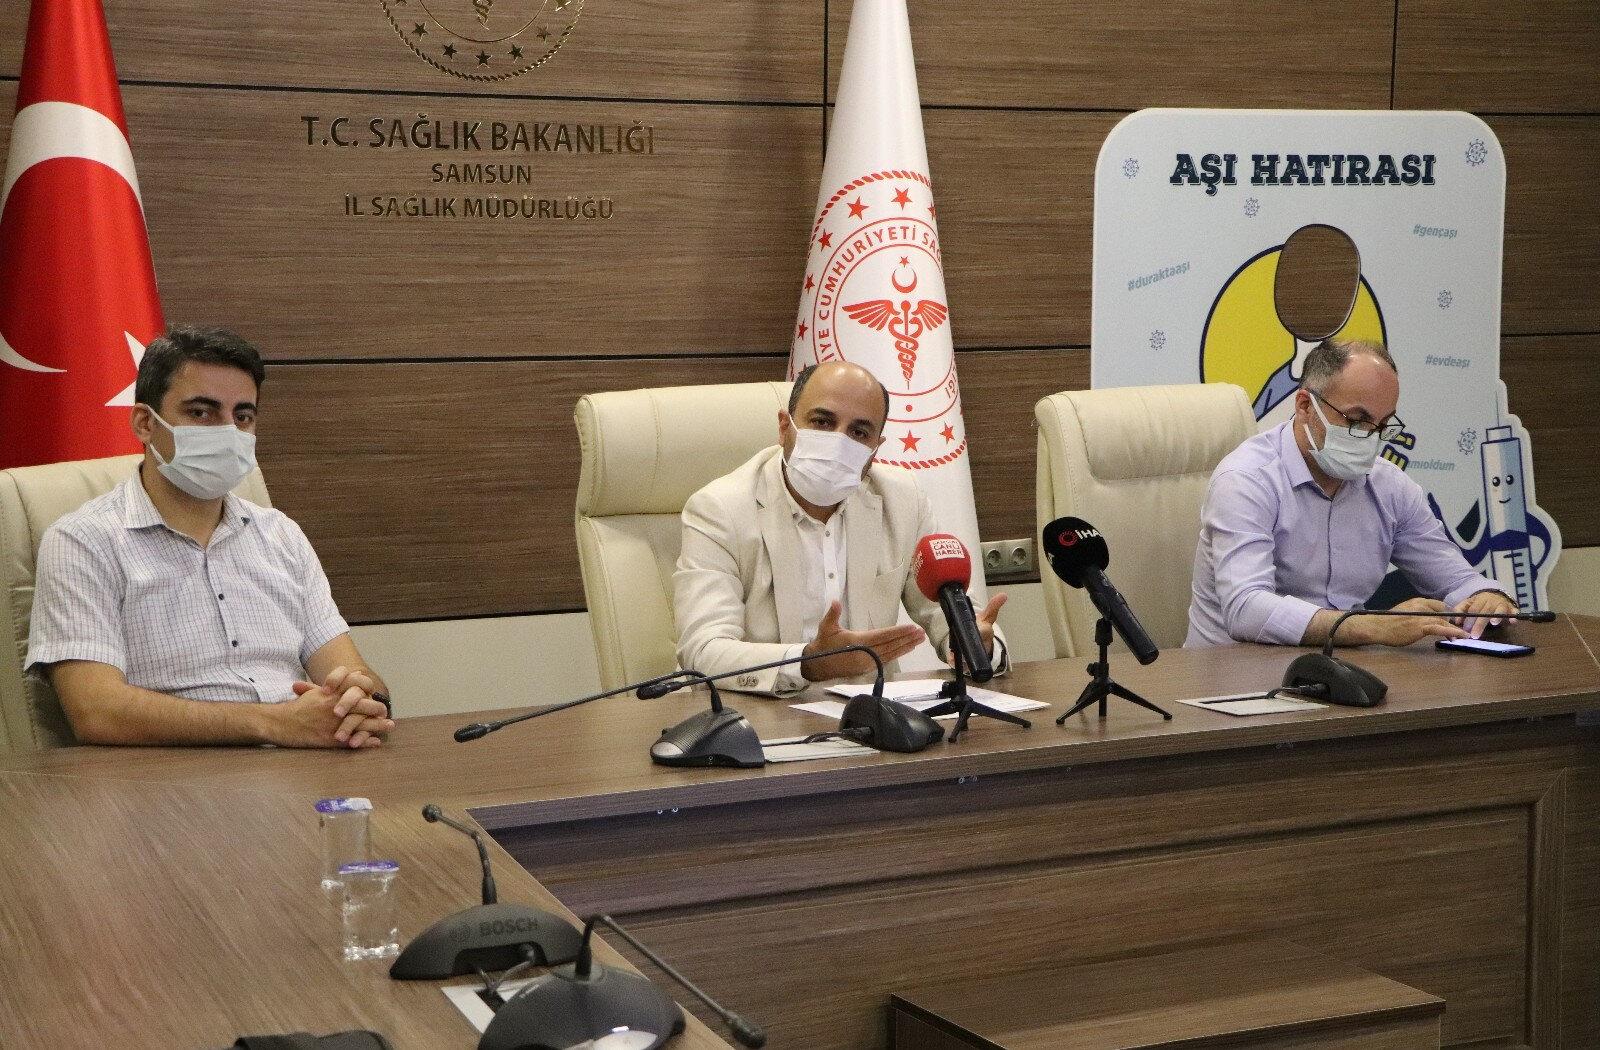 Kampanya tanıtımı İl Sağlık Müdürlüğü binasında düzenlenen basın açıklamasıyla yapıldı.